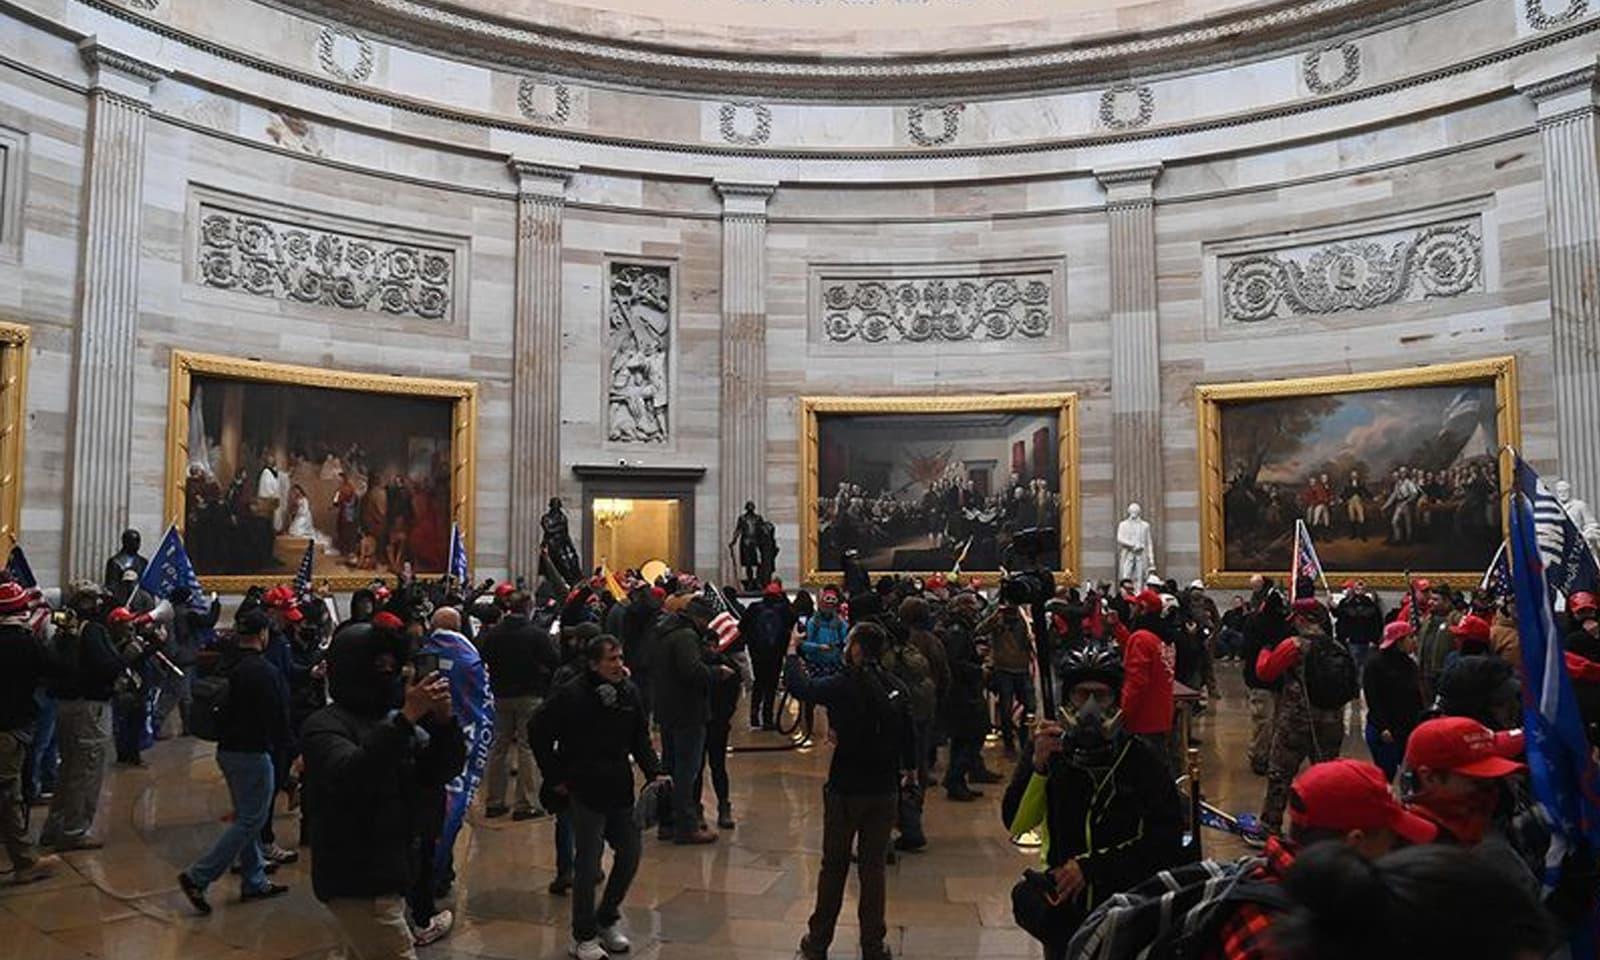 مظاہرین نے کیپیٹل ہل میں داخل ہوکر عمارت کو نقصان بھی پہنچایا—فوٹو: اے پی